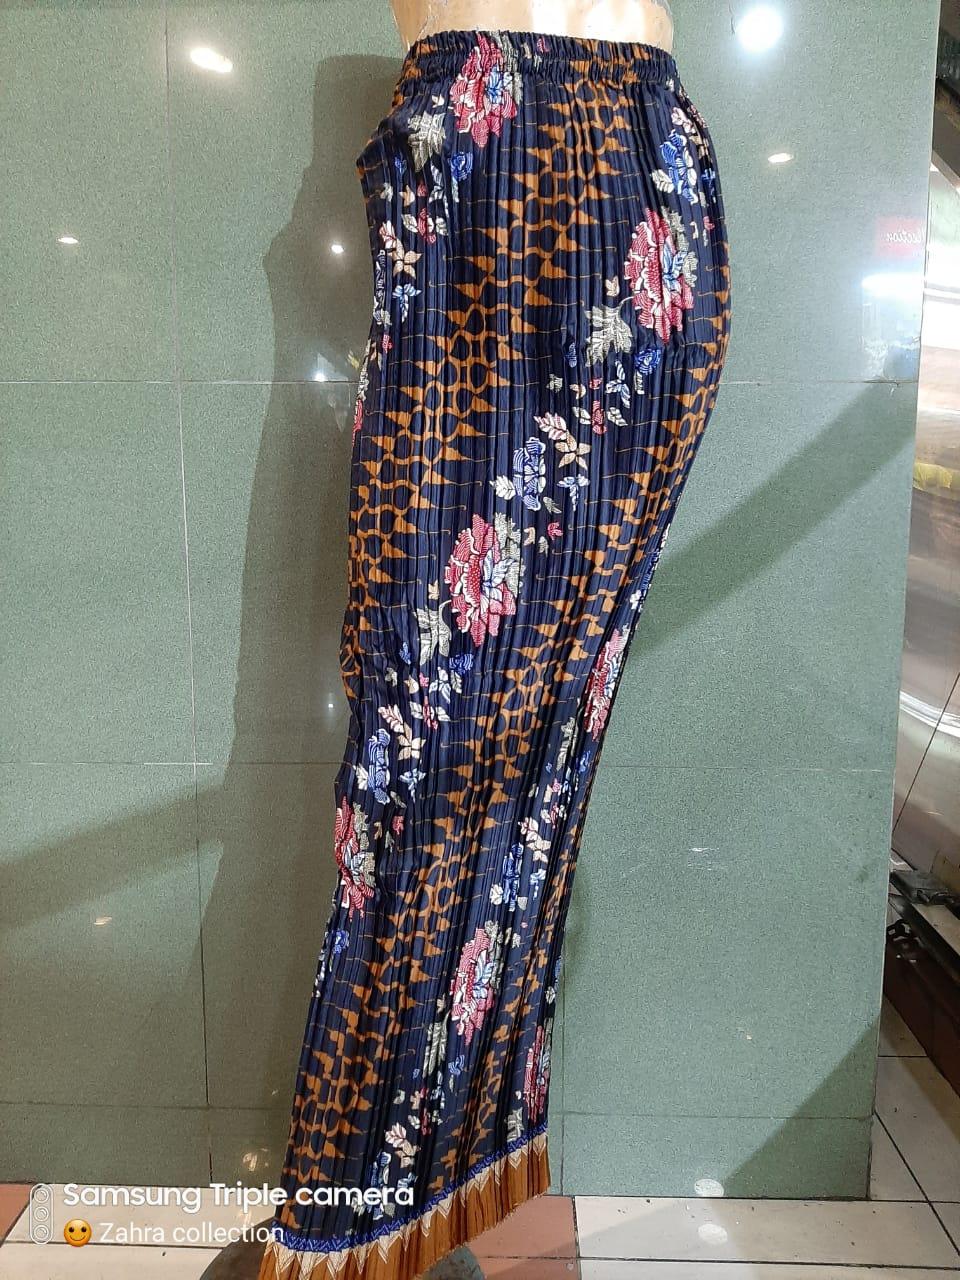 Glow Collection Lesita Rok span plisket panjang batik wanita jumbo long skirt Fit to XXL